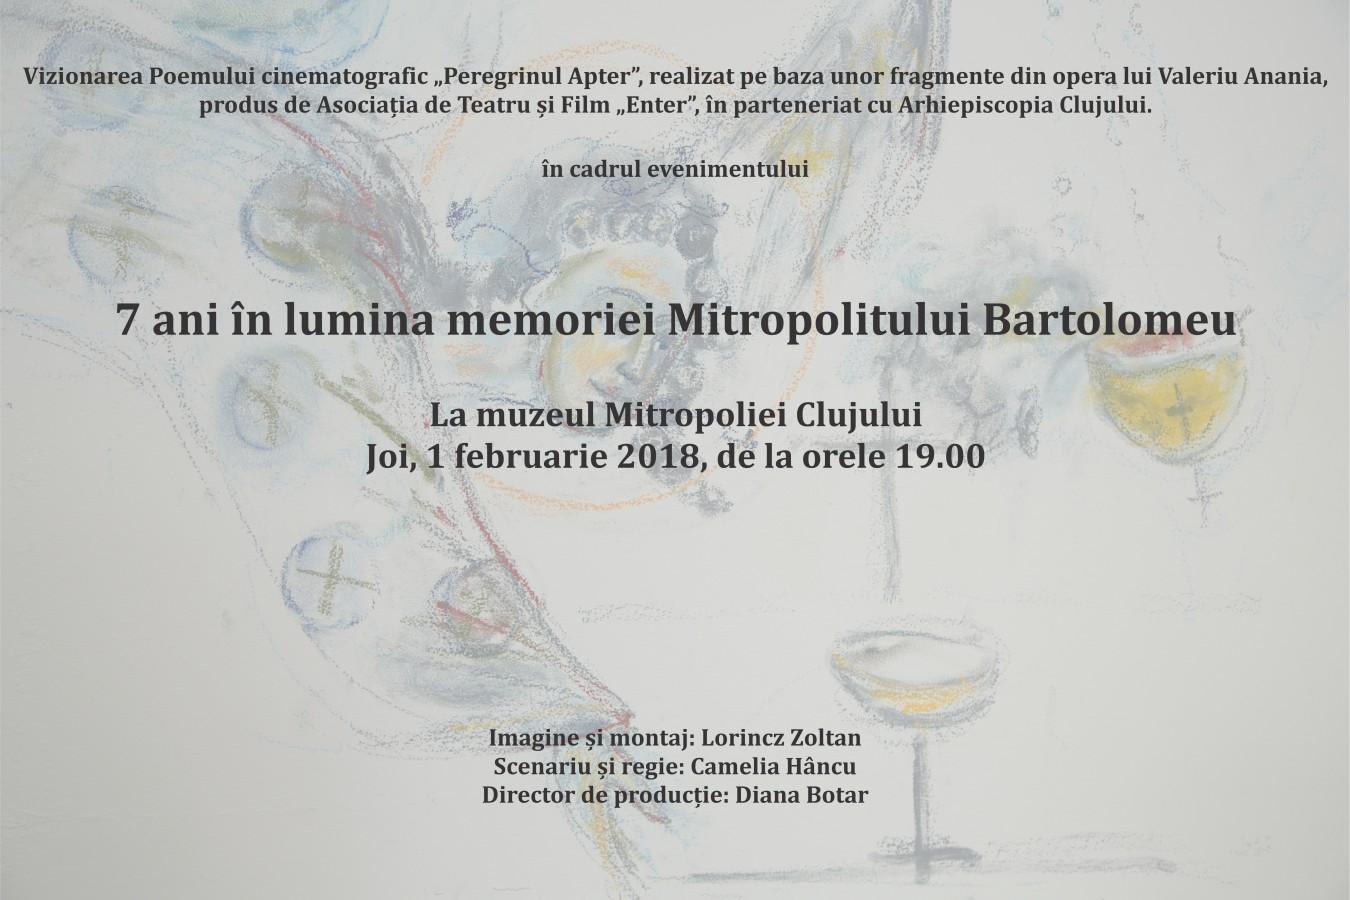 Comemorarea Mitropolitului Bartolomeu, la 7 ani de la plecarea în veșnicie